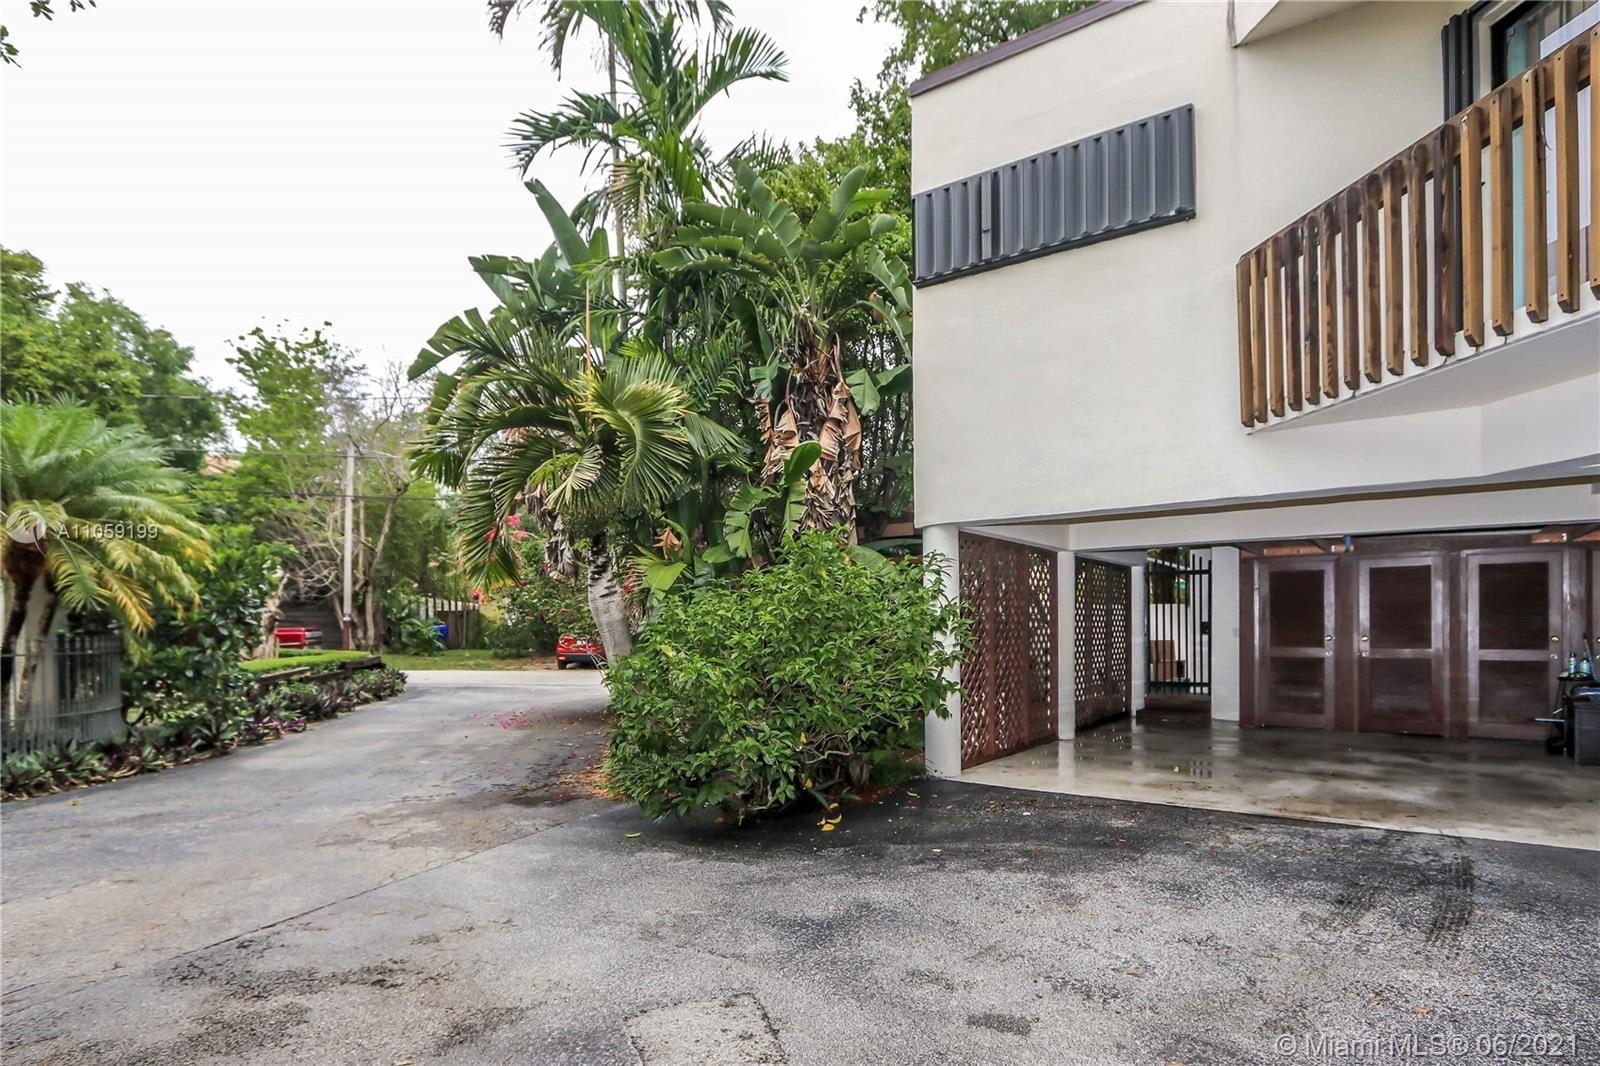 2578 Lincoln Ave, Miami, FL 33133 - #: A11059199